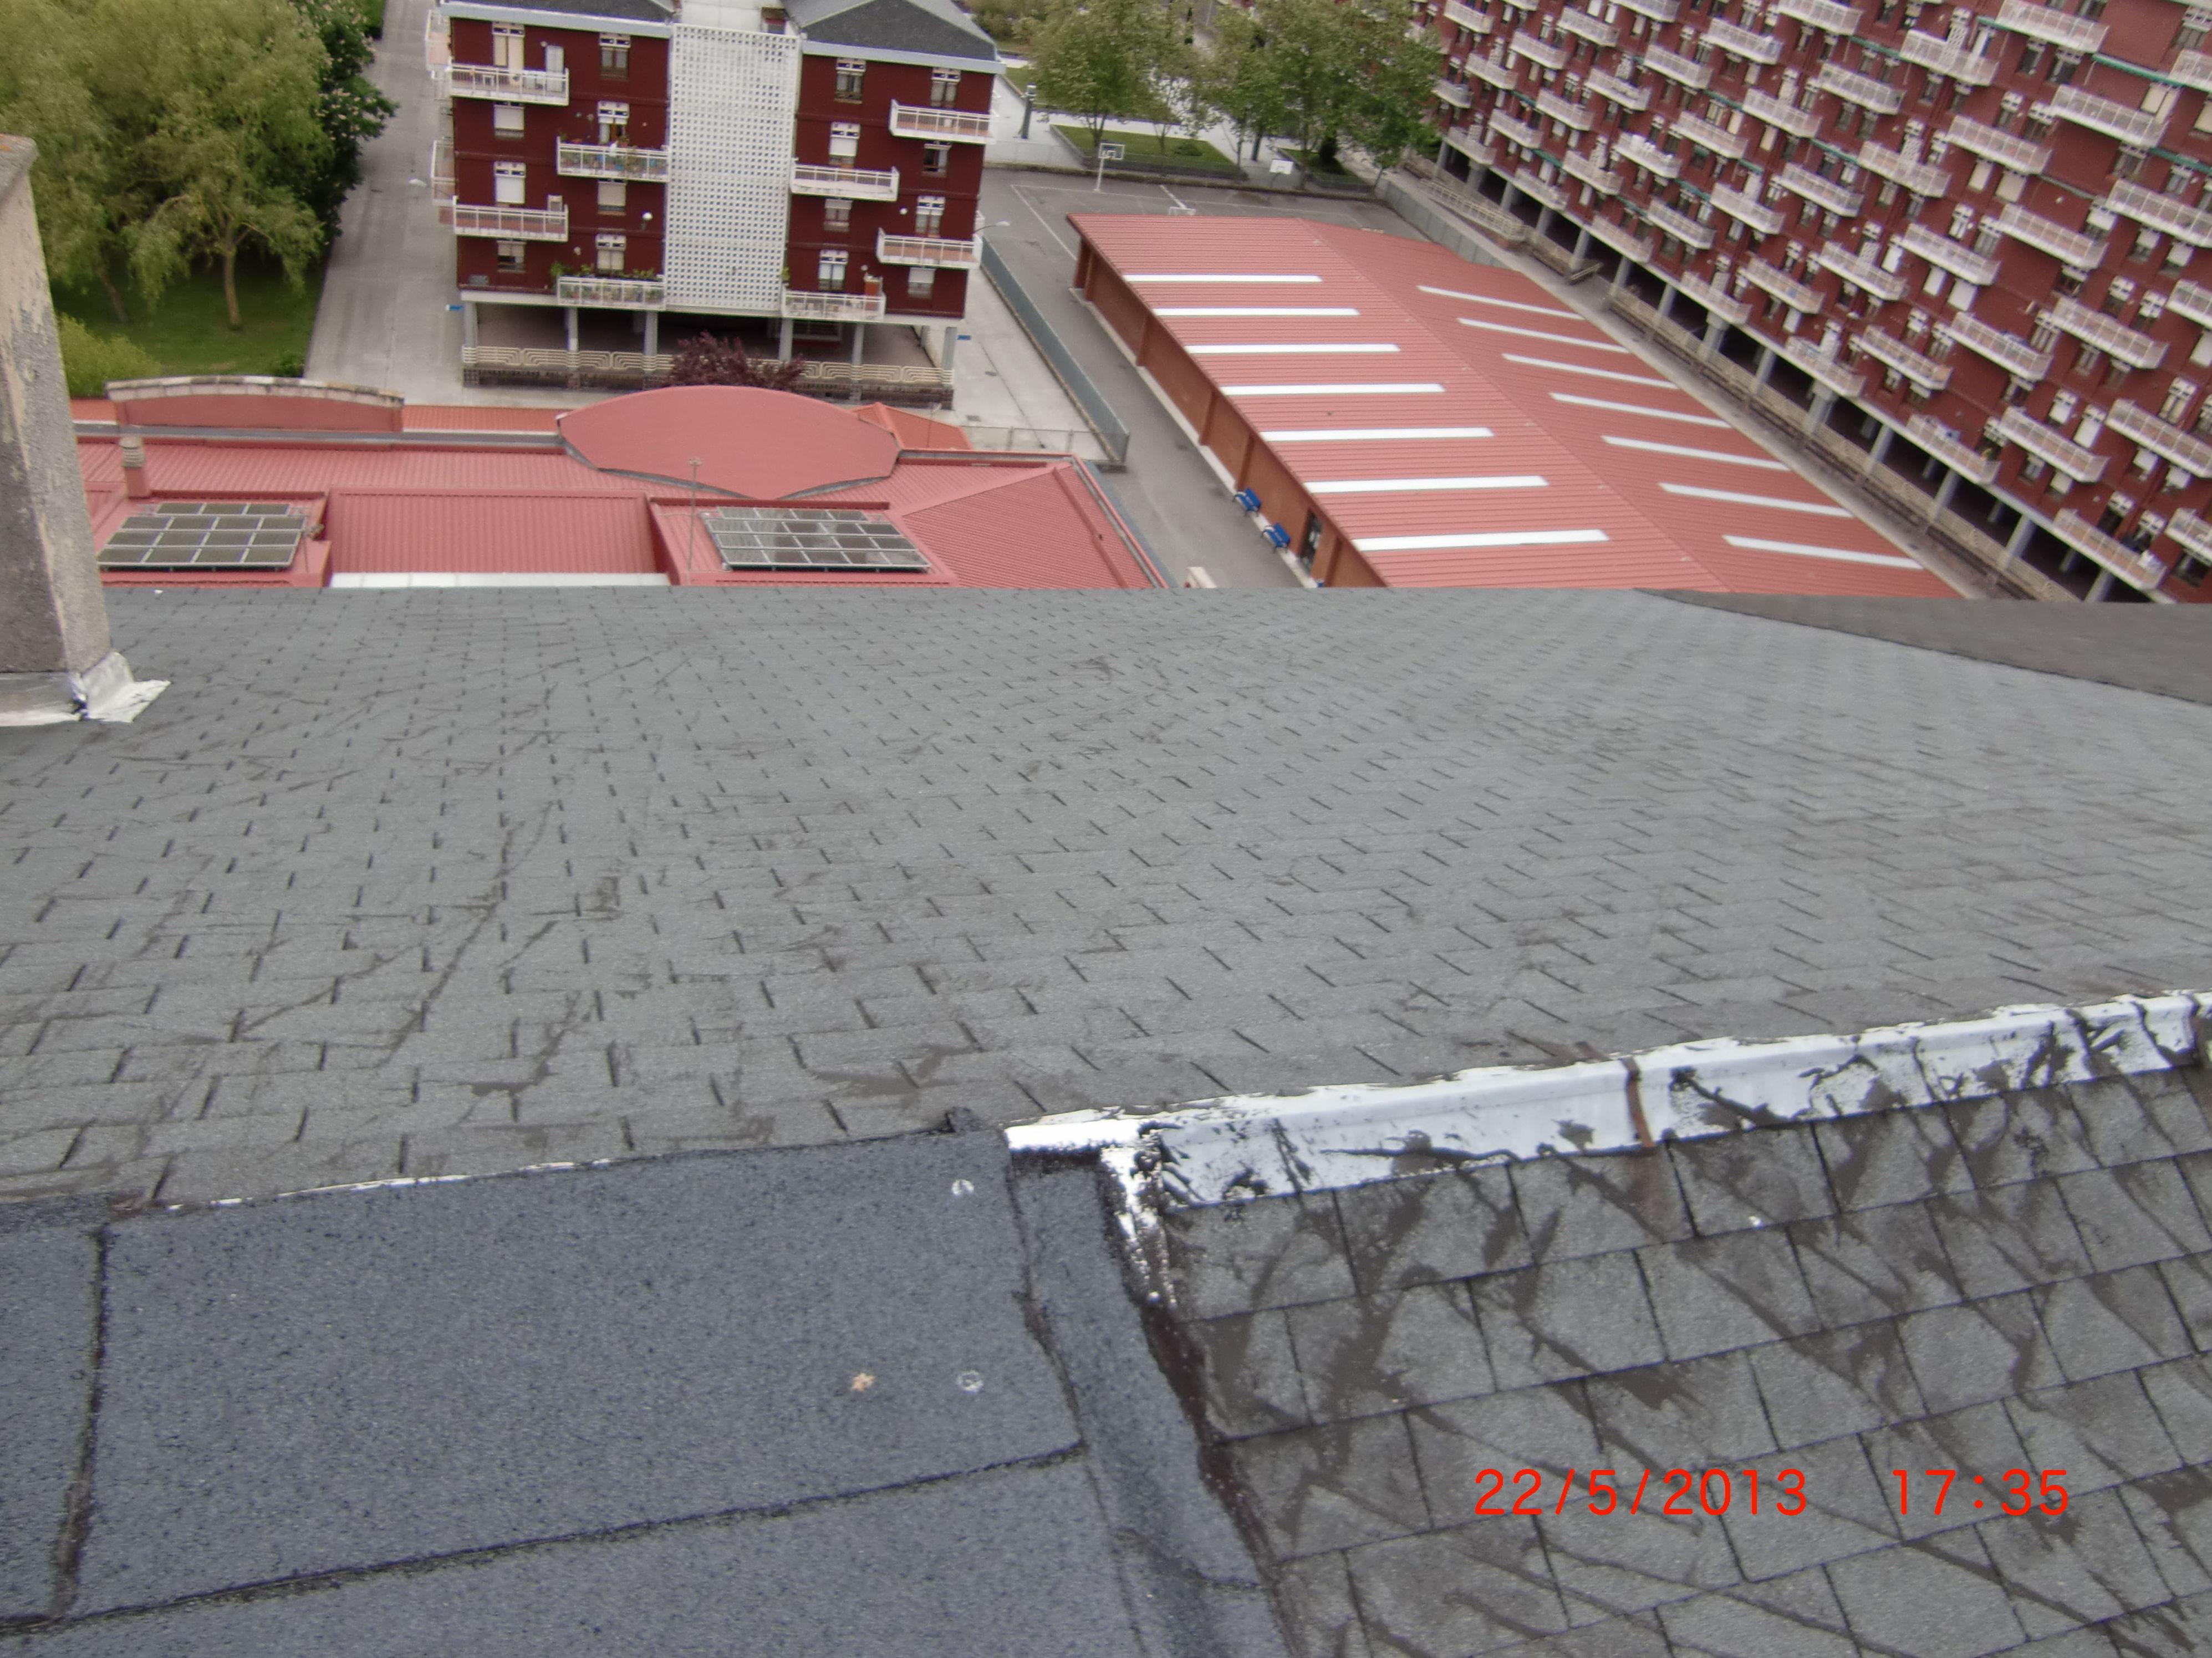 Rehabilitación de tejado en la calle Argentina, 8 Vitoria-Gasteiz